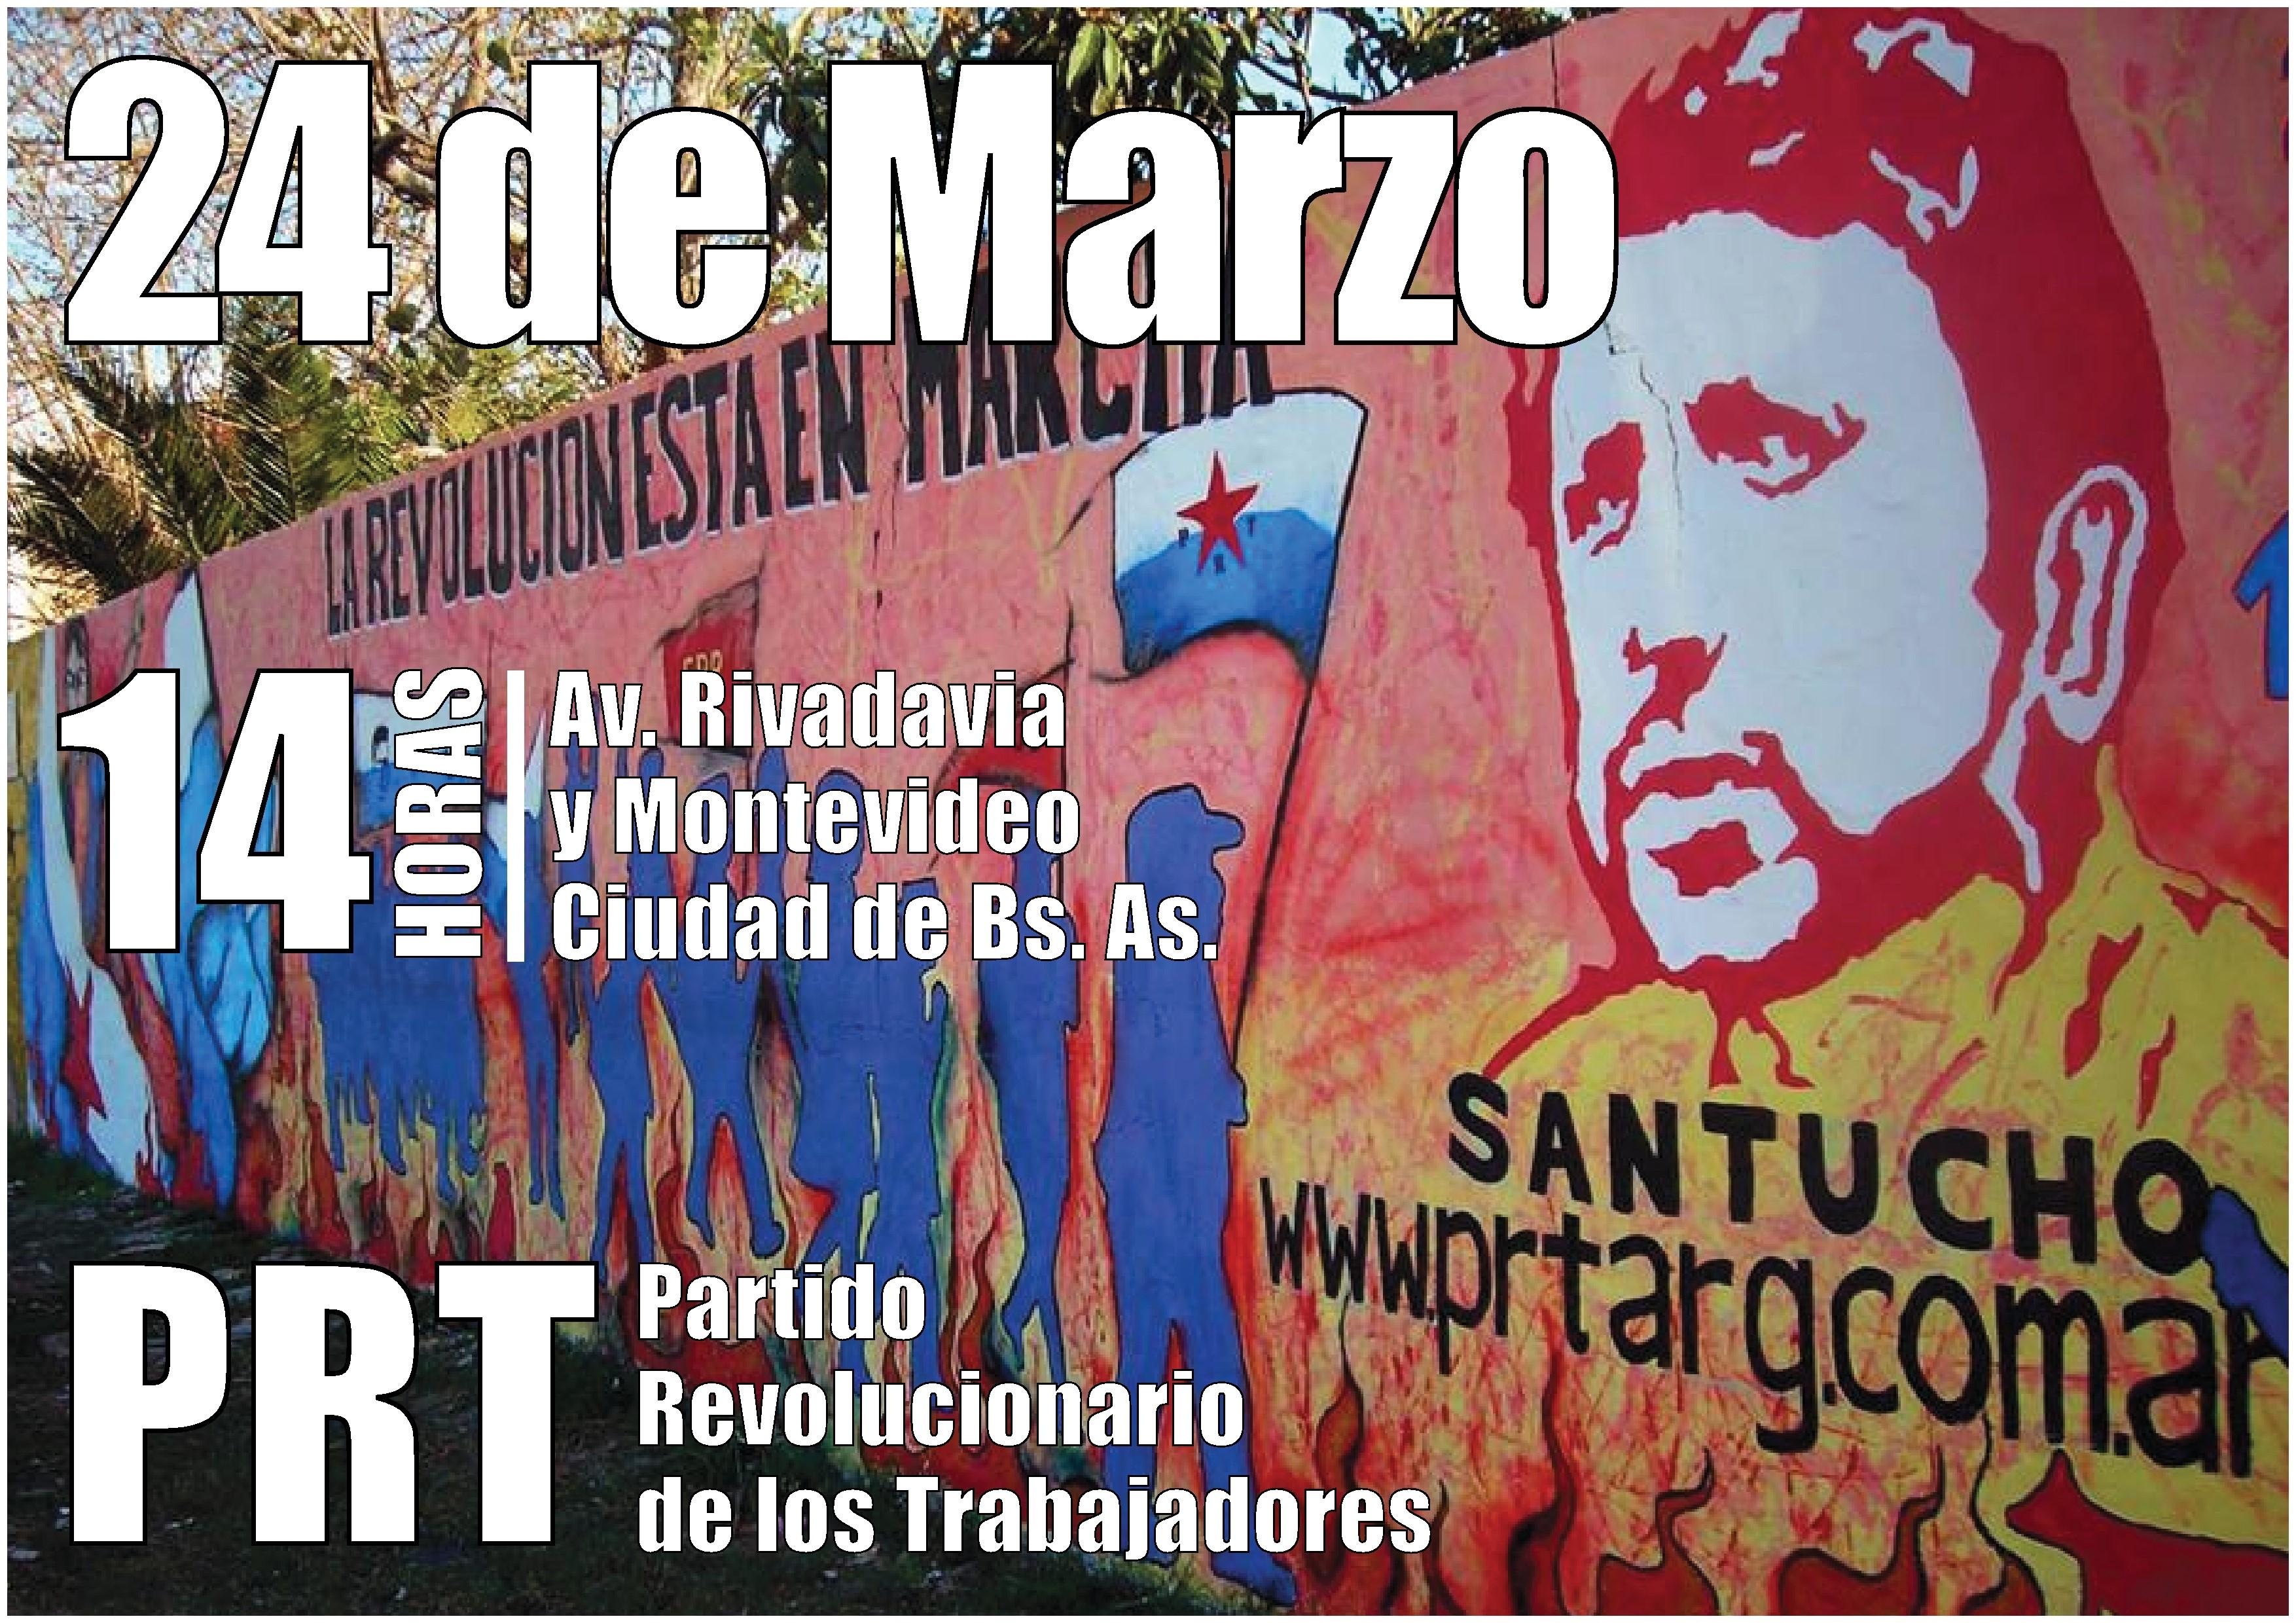 Convocatoria del PRT a movilizarnos el 24 de Marzo / Buenos Aires